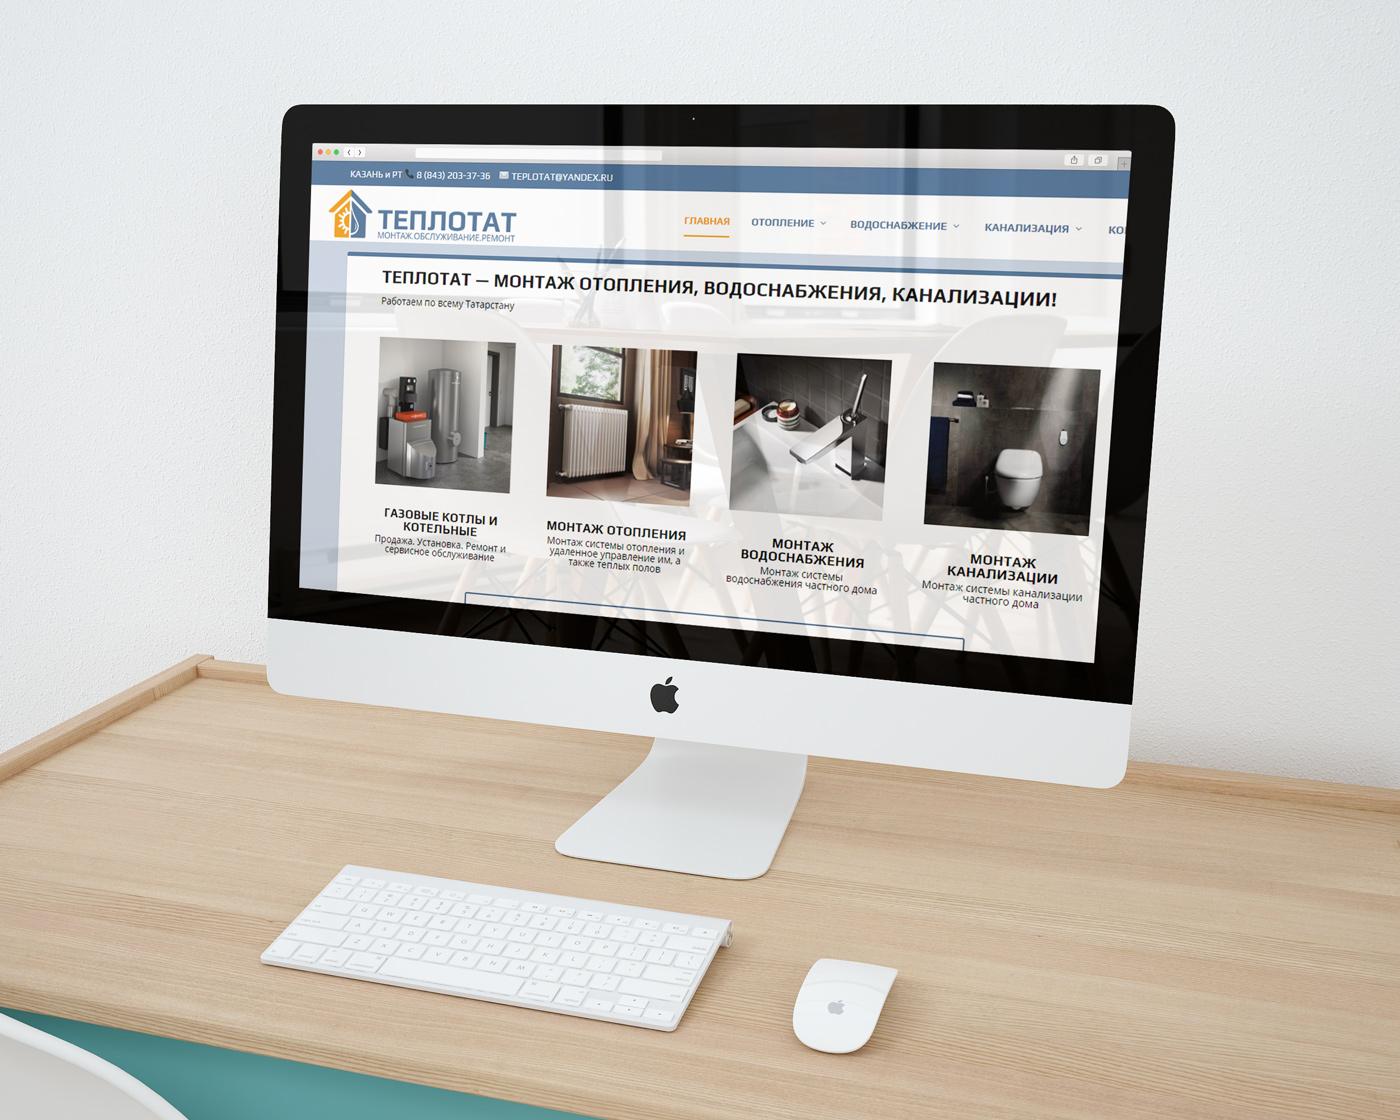 Создания сайтов в казани все для создания сайта и редактирования